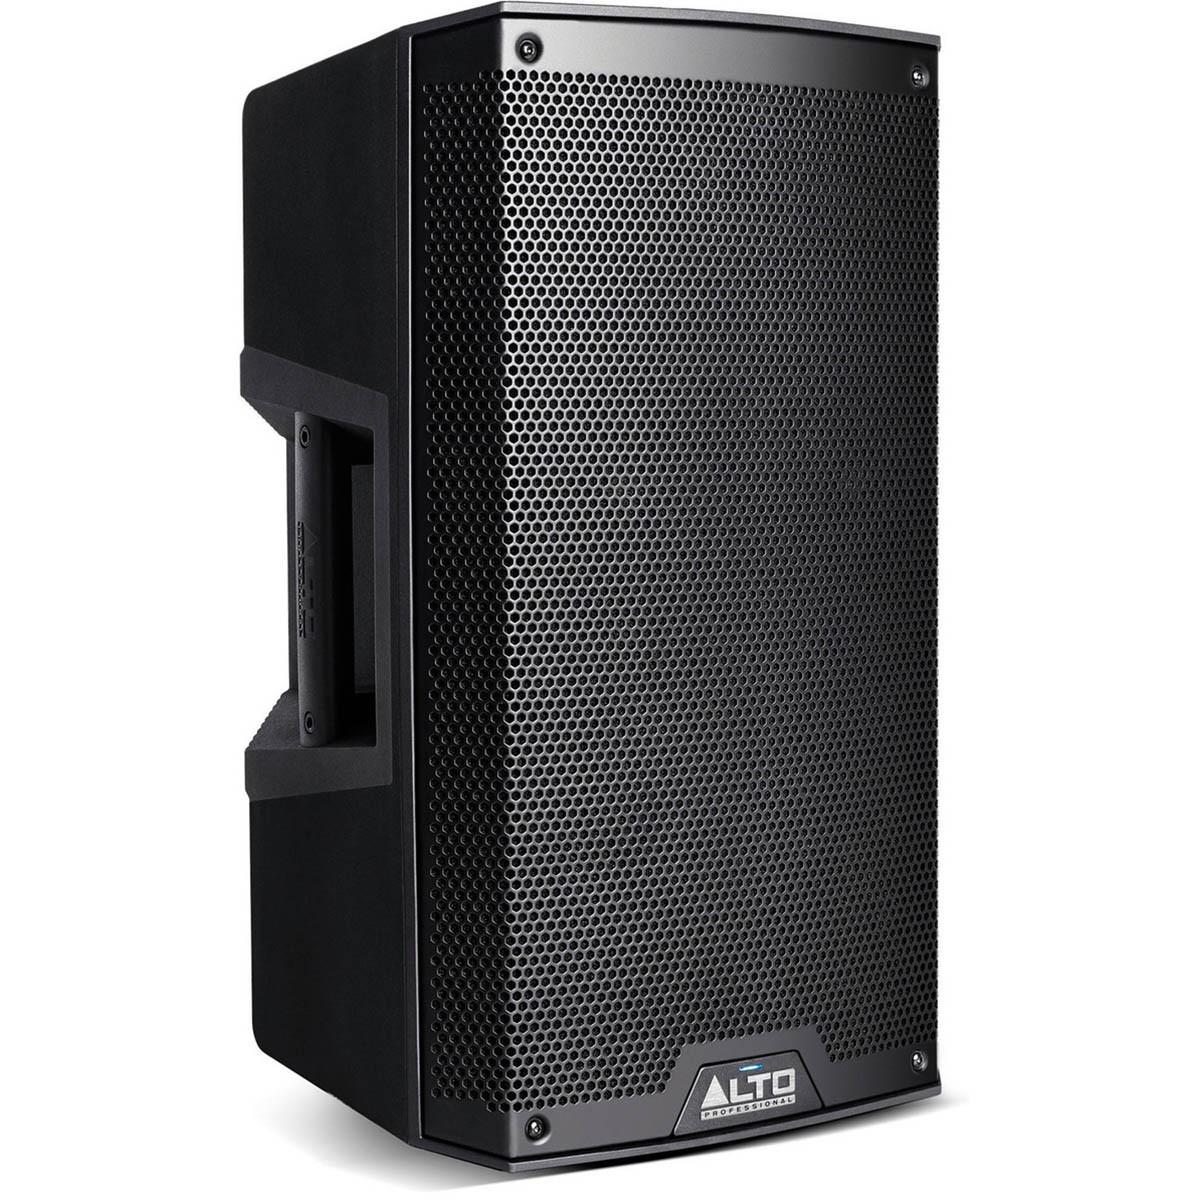 Alto TS210 Caixa Acústica Ativa, 1100 Watts Pico, 10 Polegadas, 110v